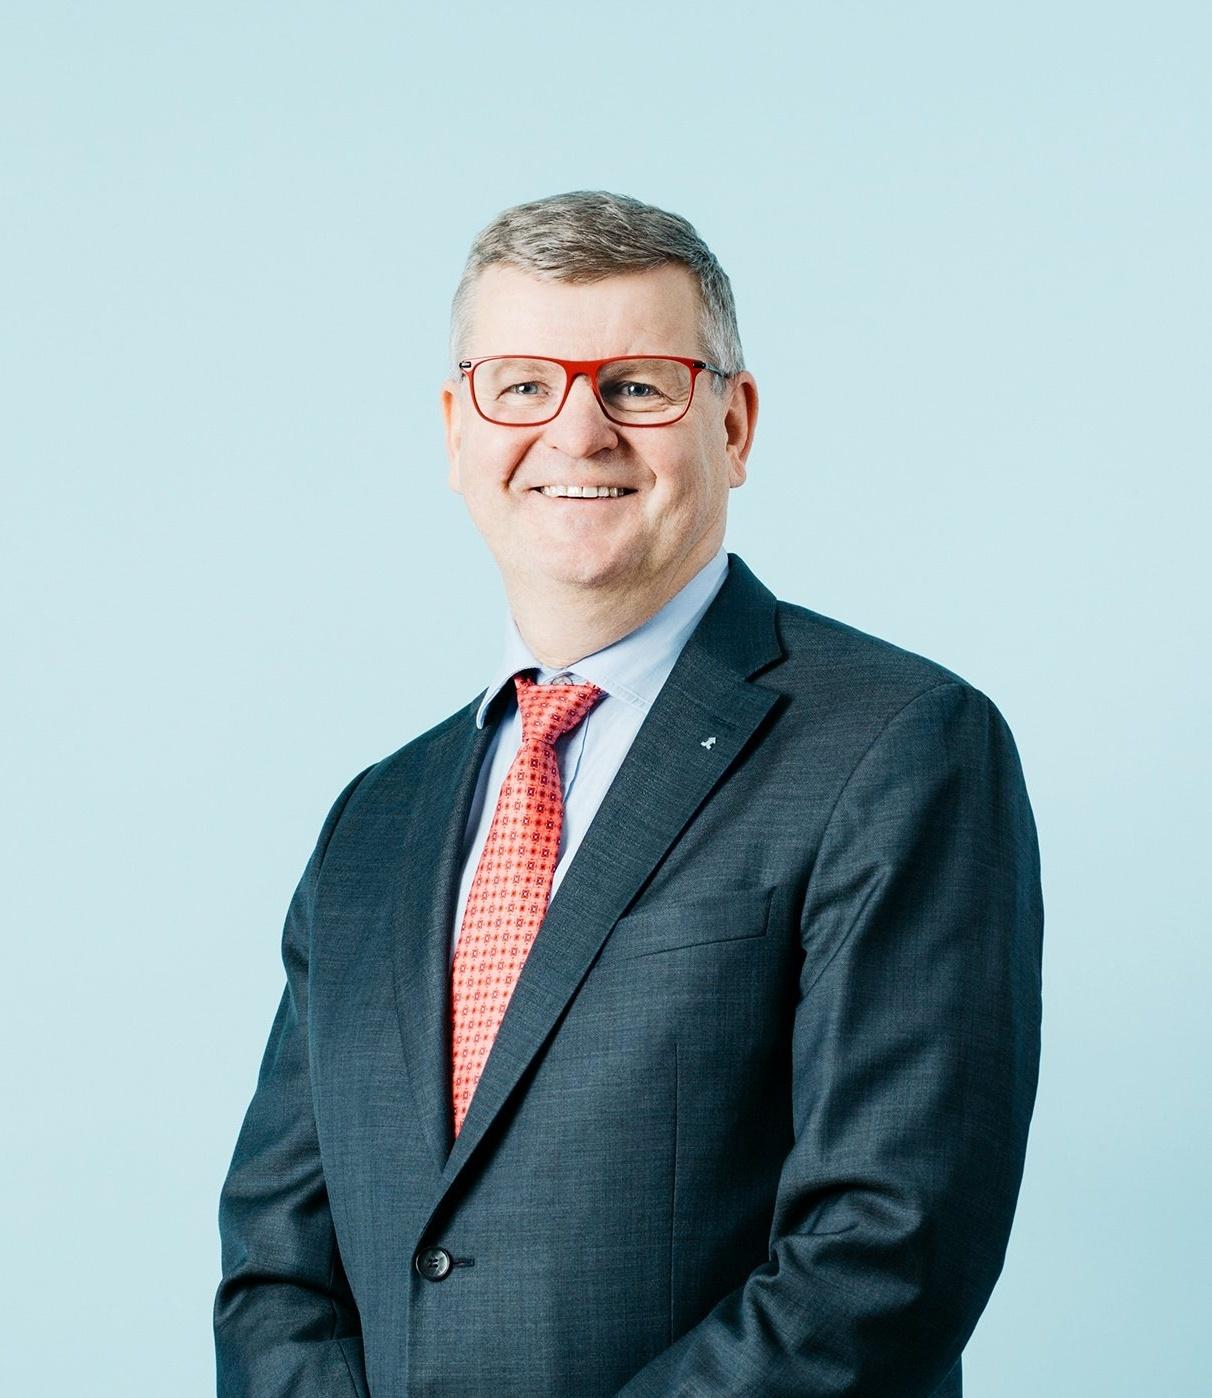 Aspo-konsernin toimitusjohtaja Aki Ojanen kommentoi neljättä neljännestä ja koko vuotta 2020